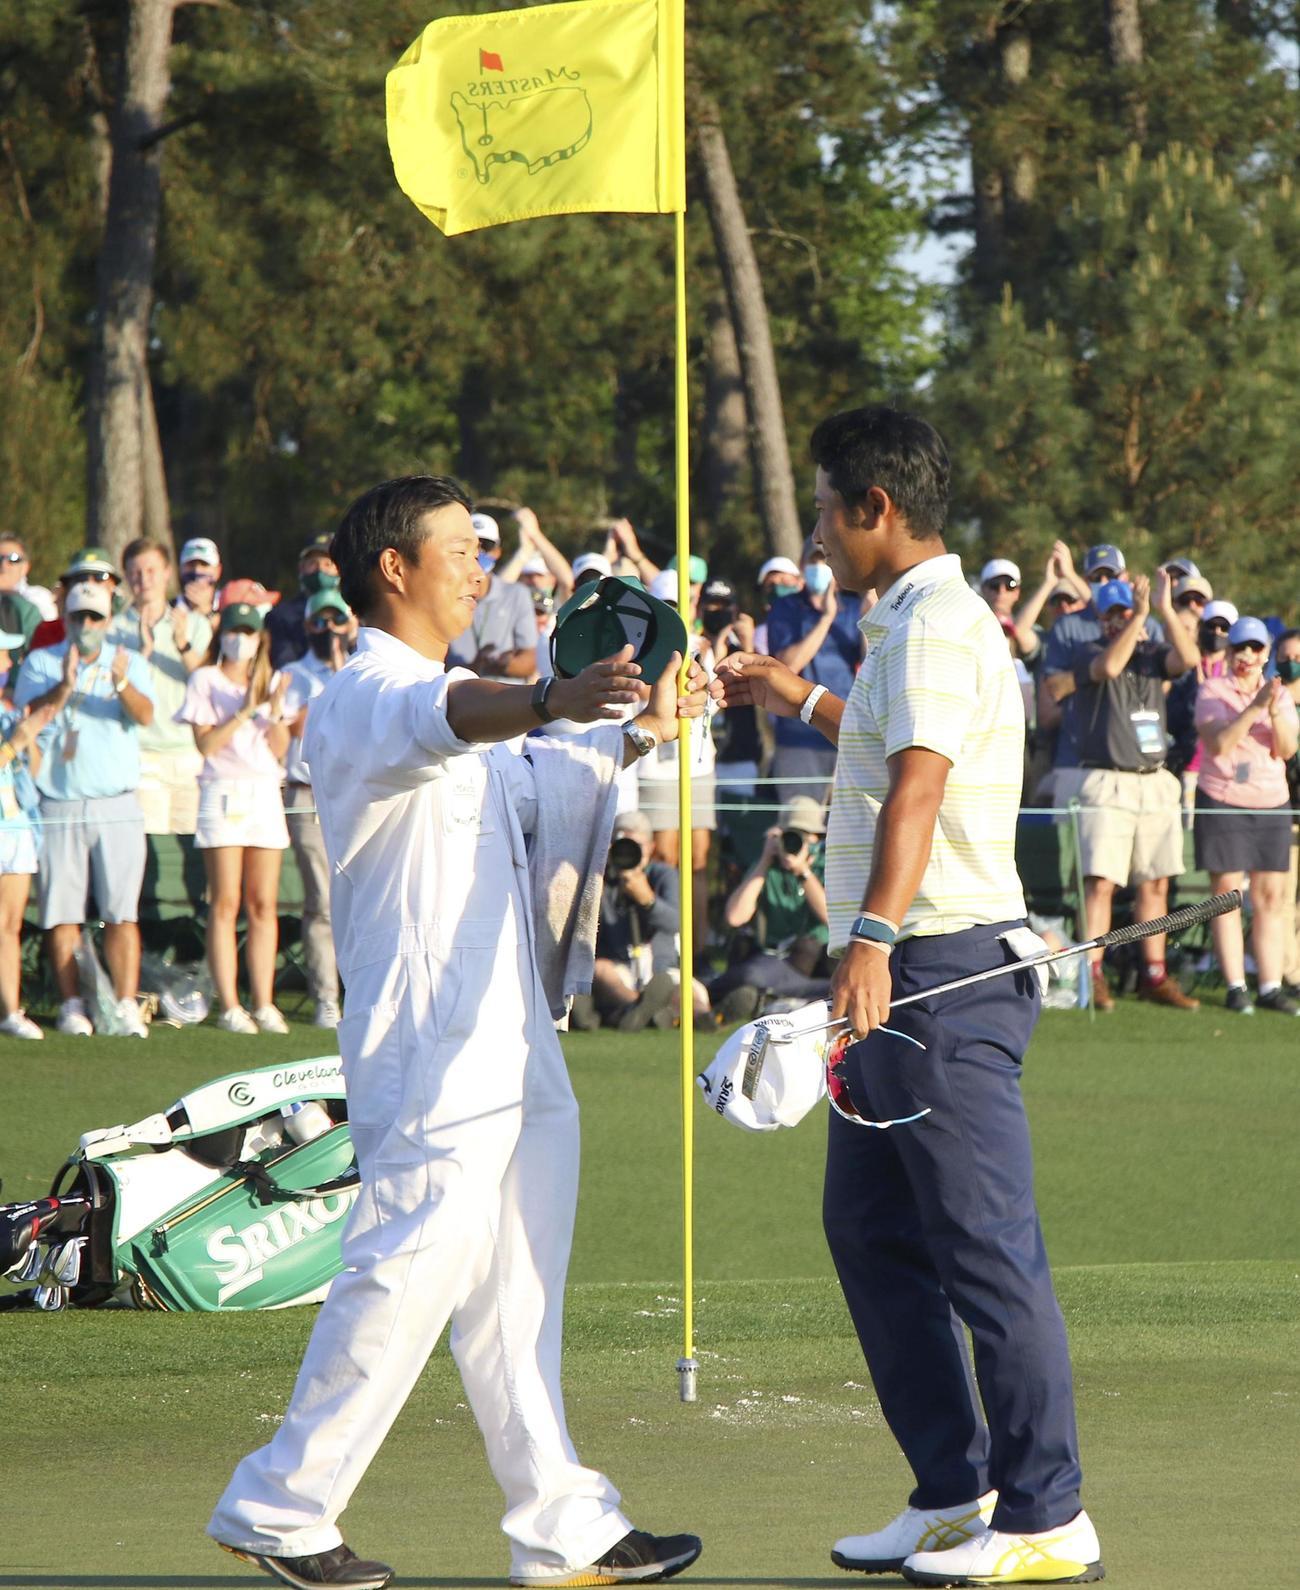 米ゴルフのマスターズ・トーナメントで、日本男子初のメジャー制覇を果たし、キャディー(左)と喜ぶ松山英樹(共同)